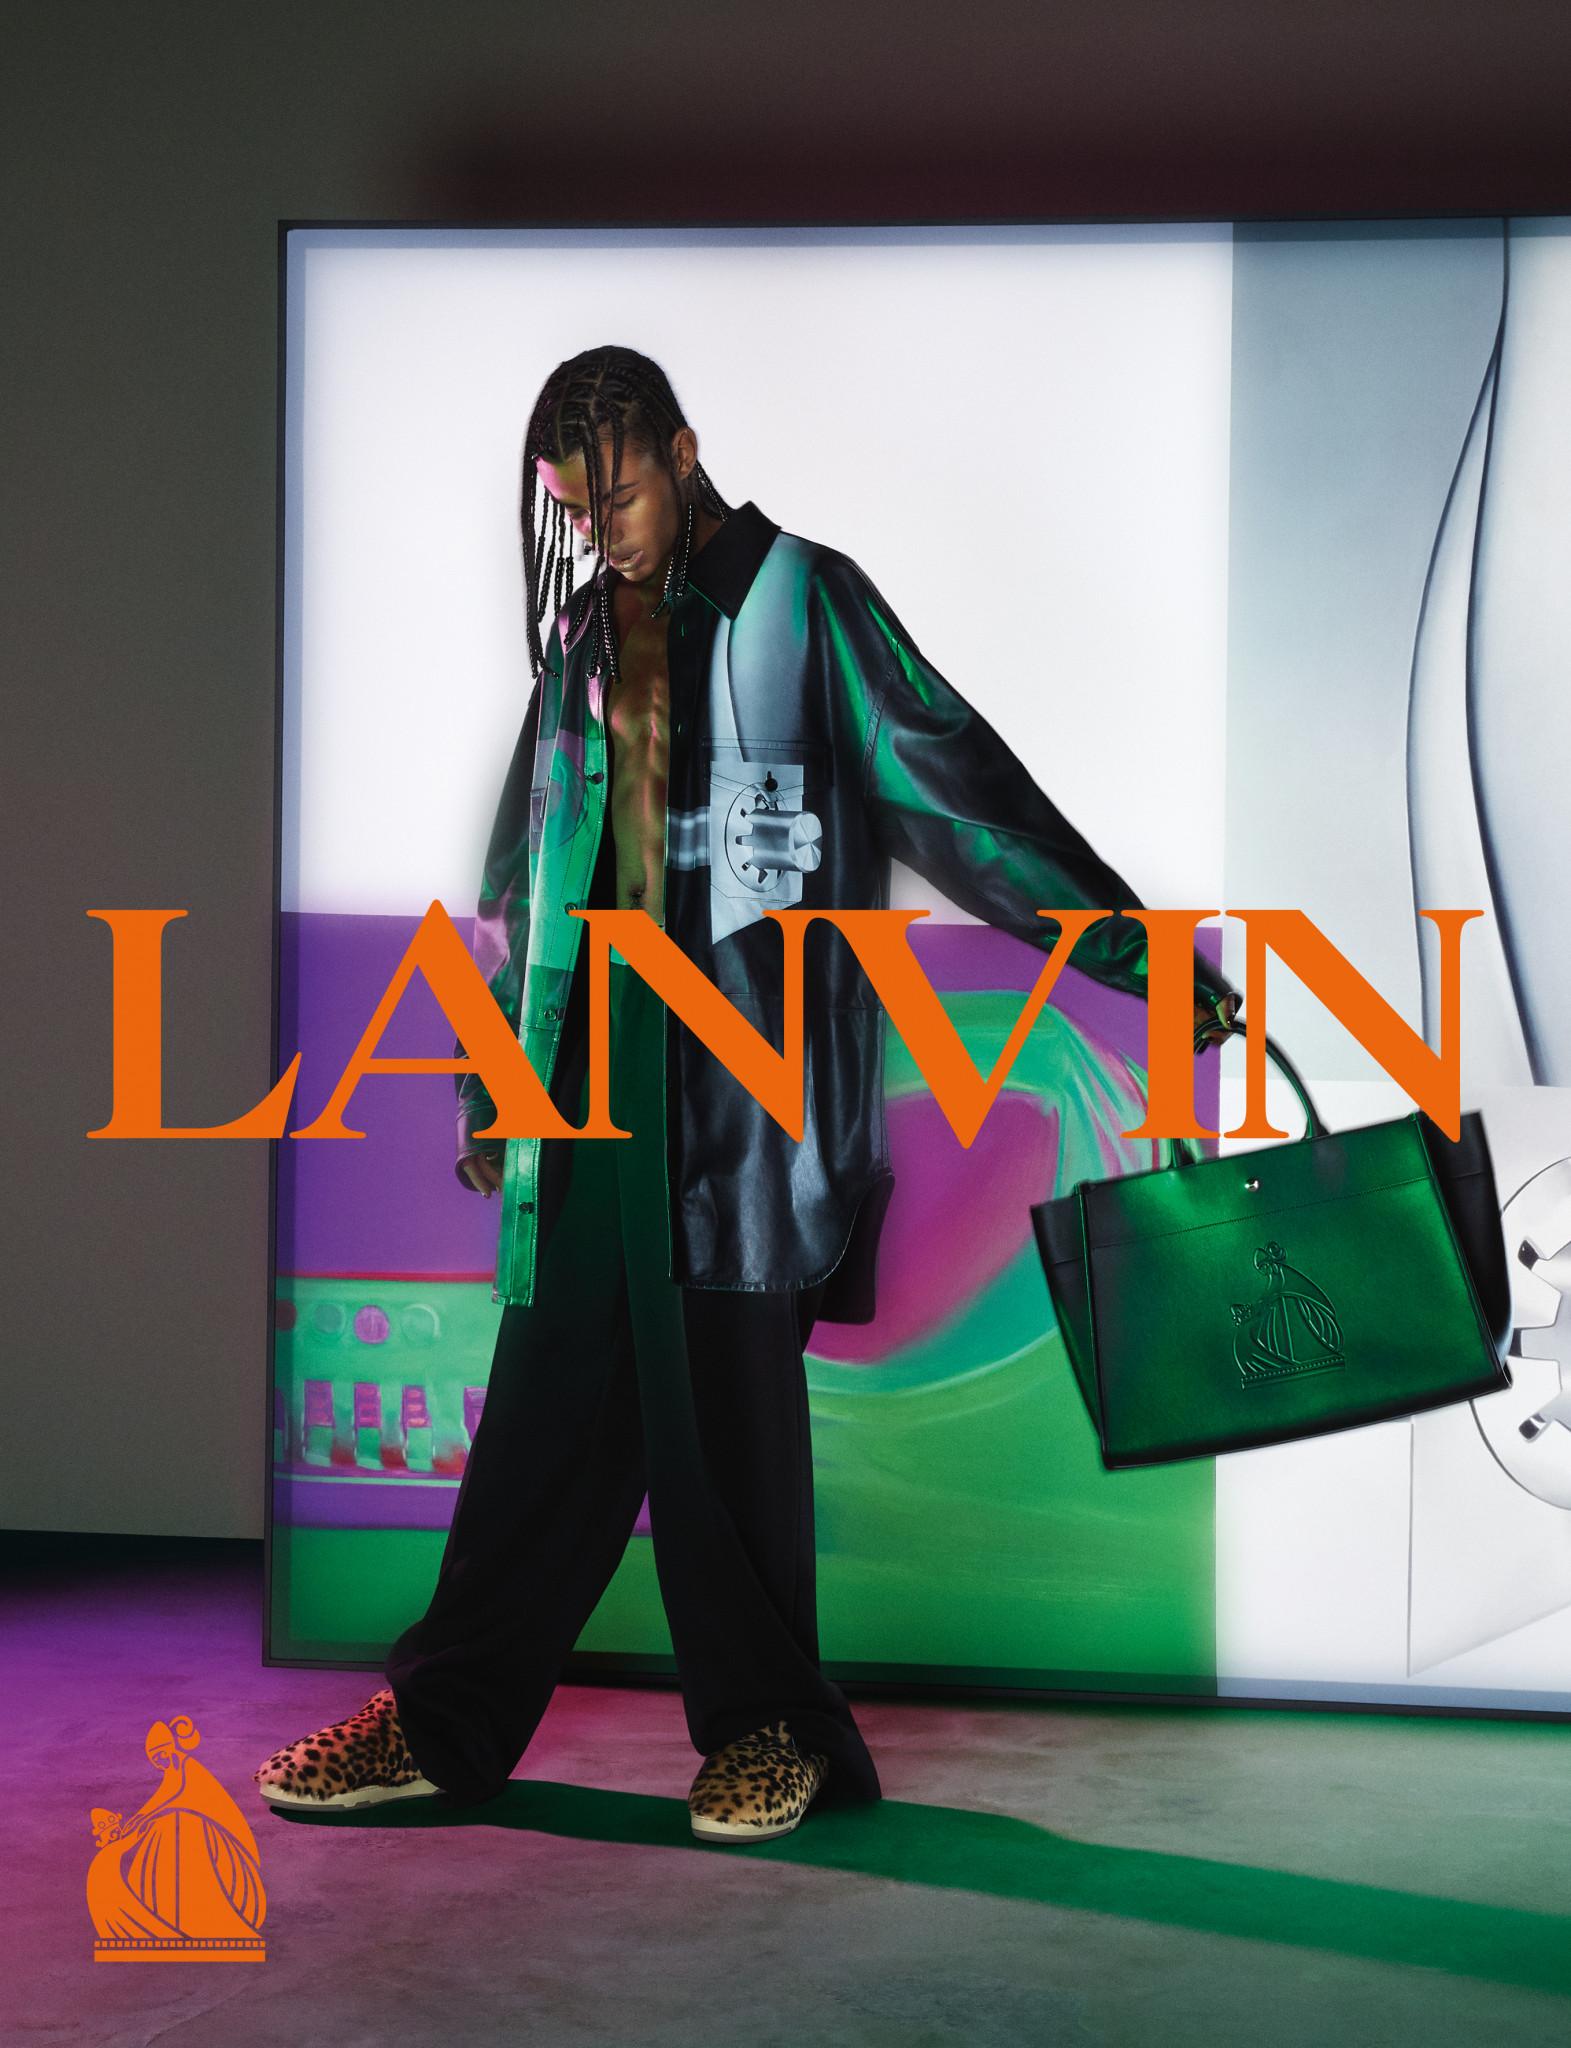 Lanvin FW21 Campaign